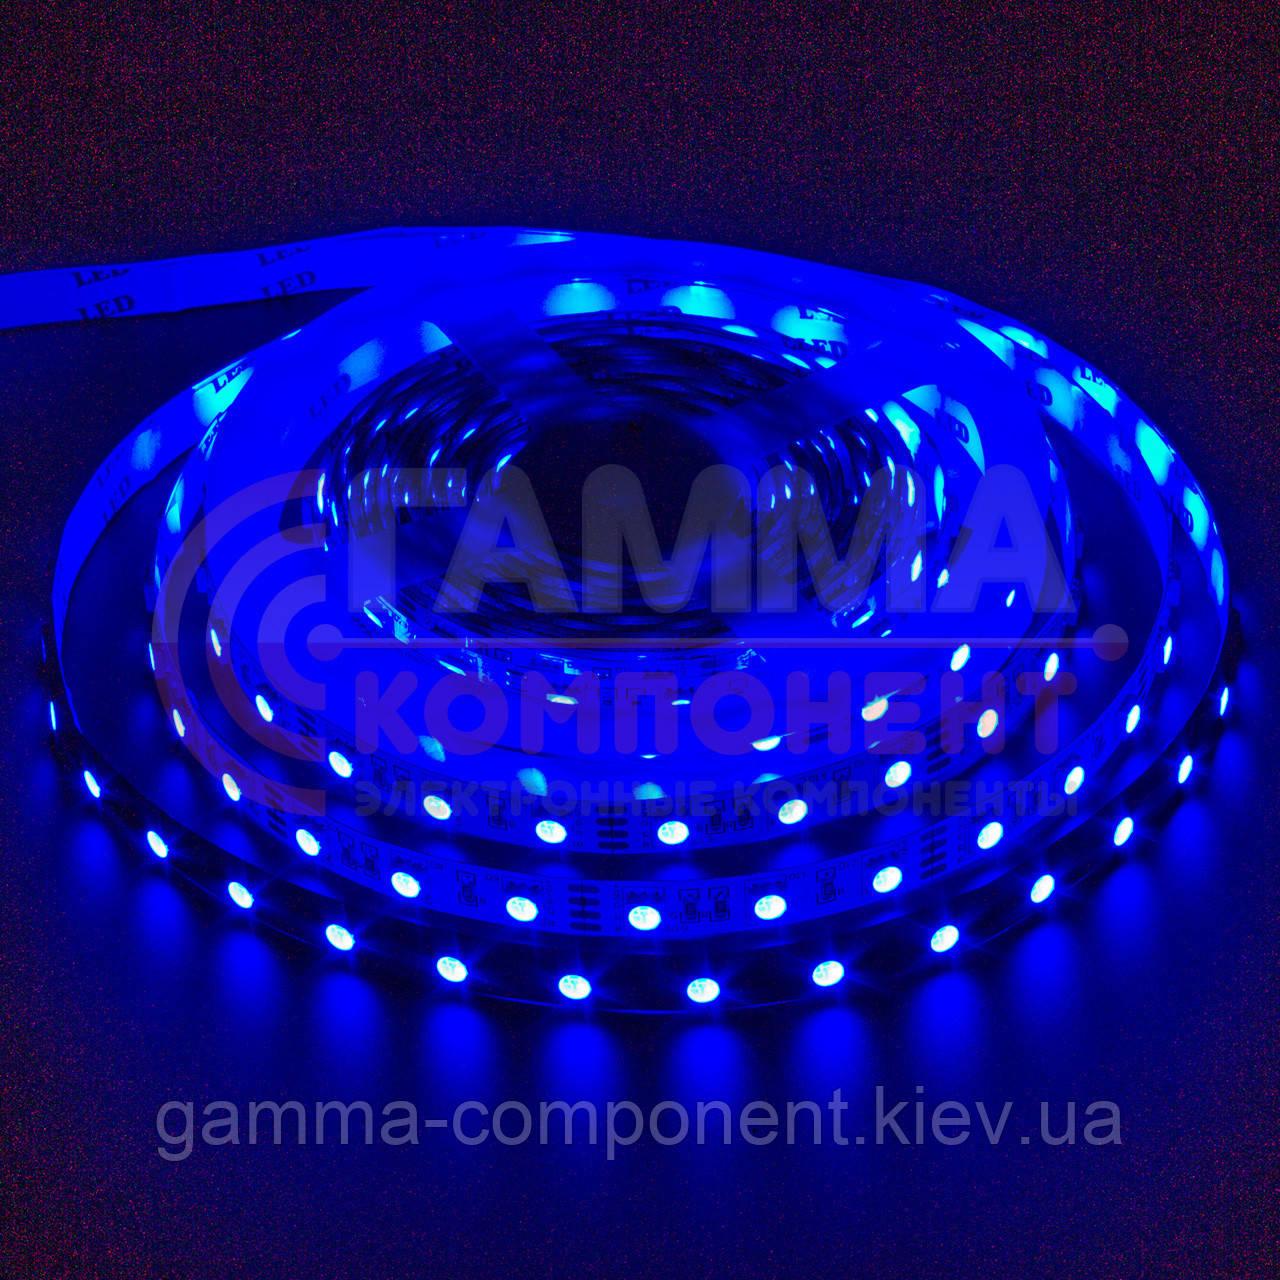 Светодиодная лента MOTOKO PREMIUM SMD 5050 (30 LED/м), синий, IP65, 12В - бобины от 5 метров